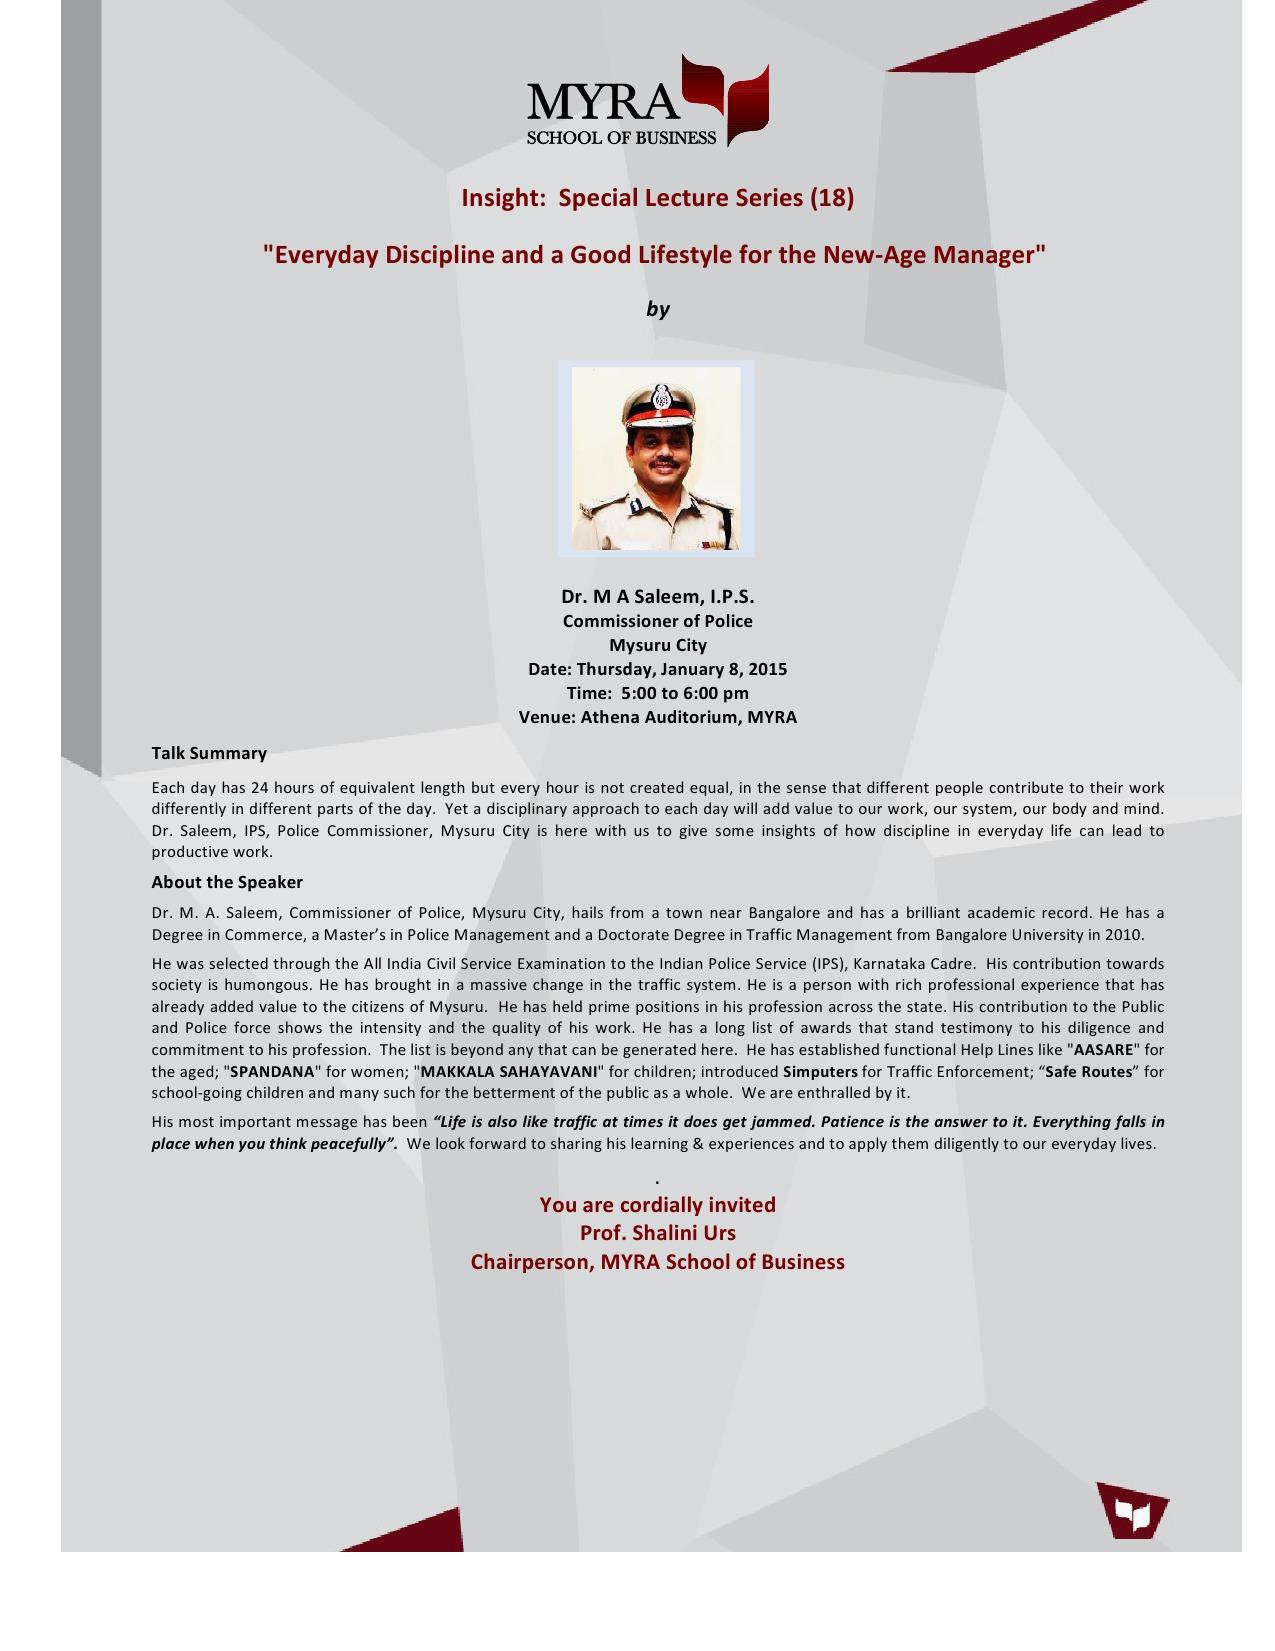 MYRA-SpecialLecture-18-Dr.Saleem-invite